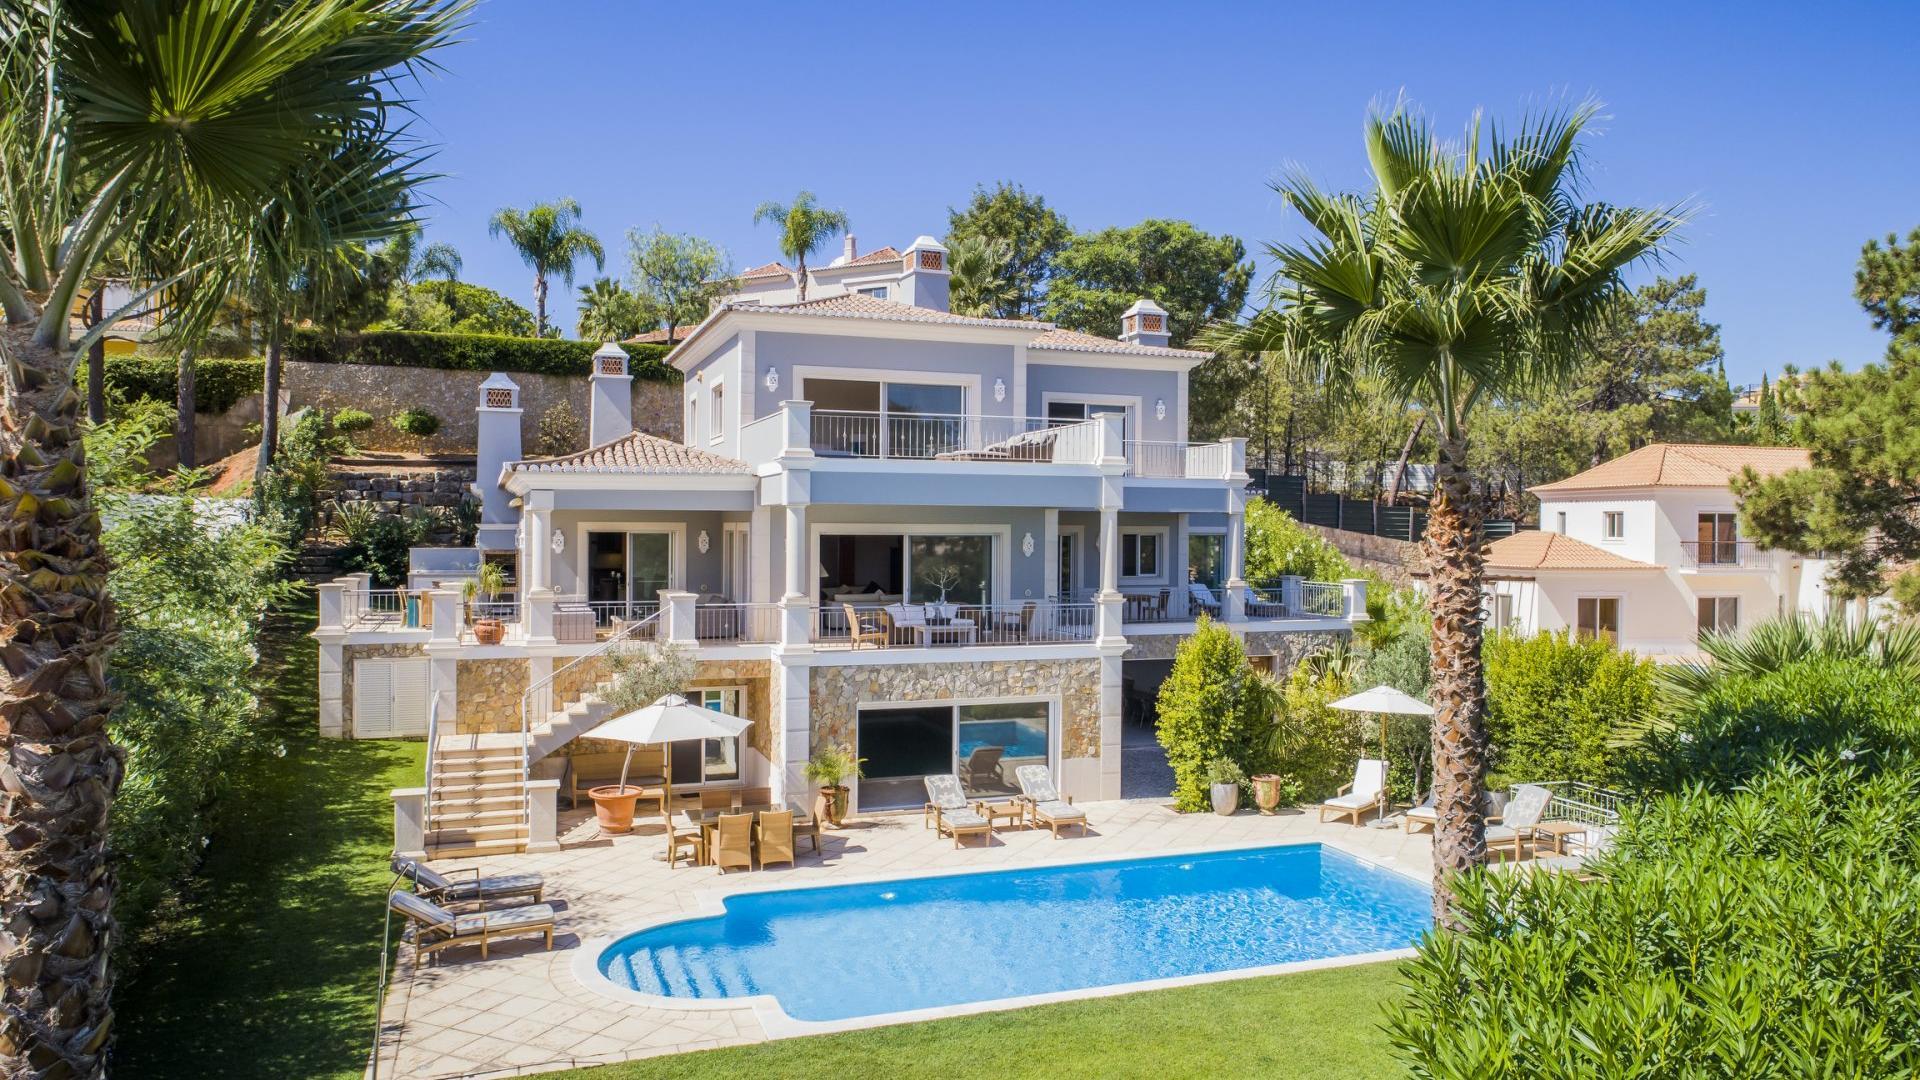 Villa Kiama - Encosta do Lago, Quinta do Lago, Algarve - DJI_0240.jpg